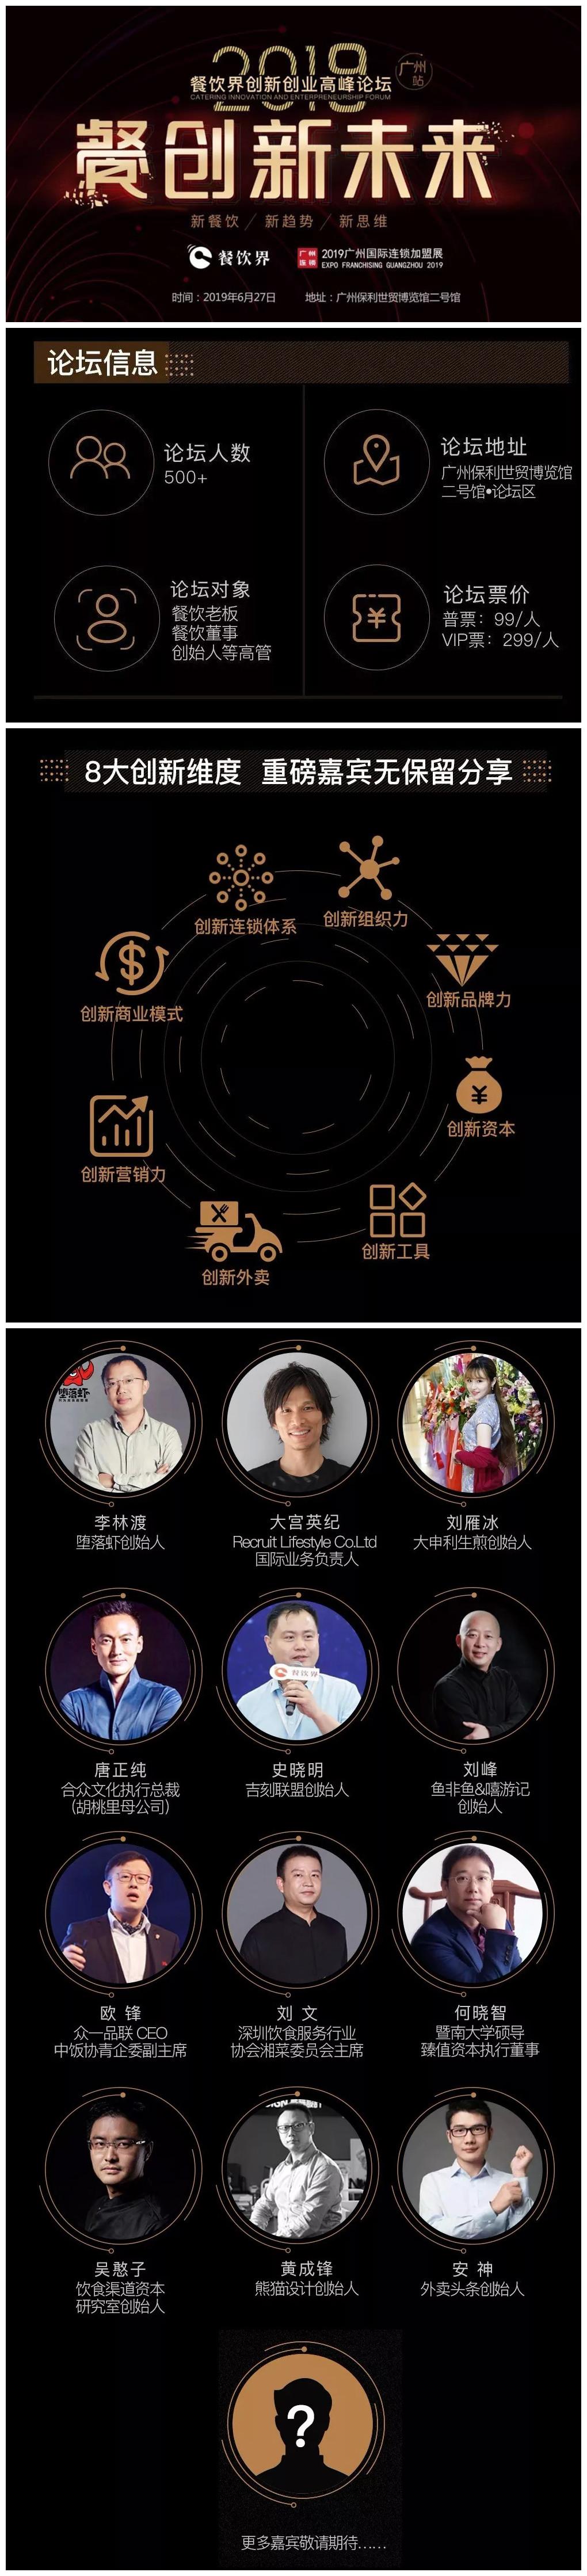 广州餐饮加盟展-2019餐创新未来